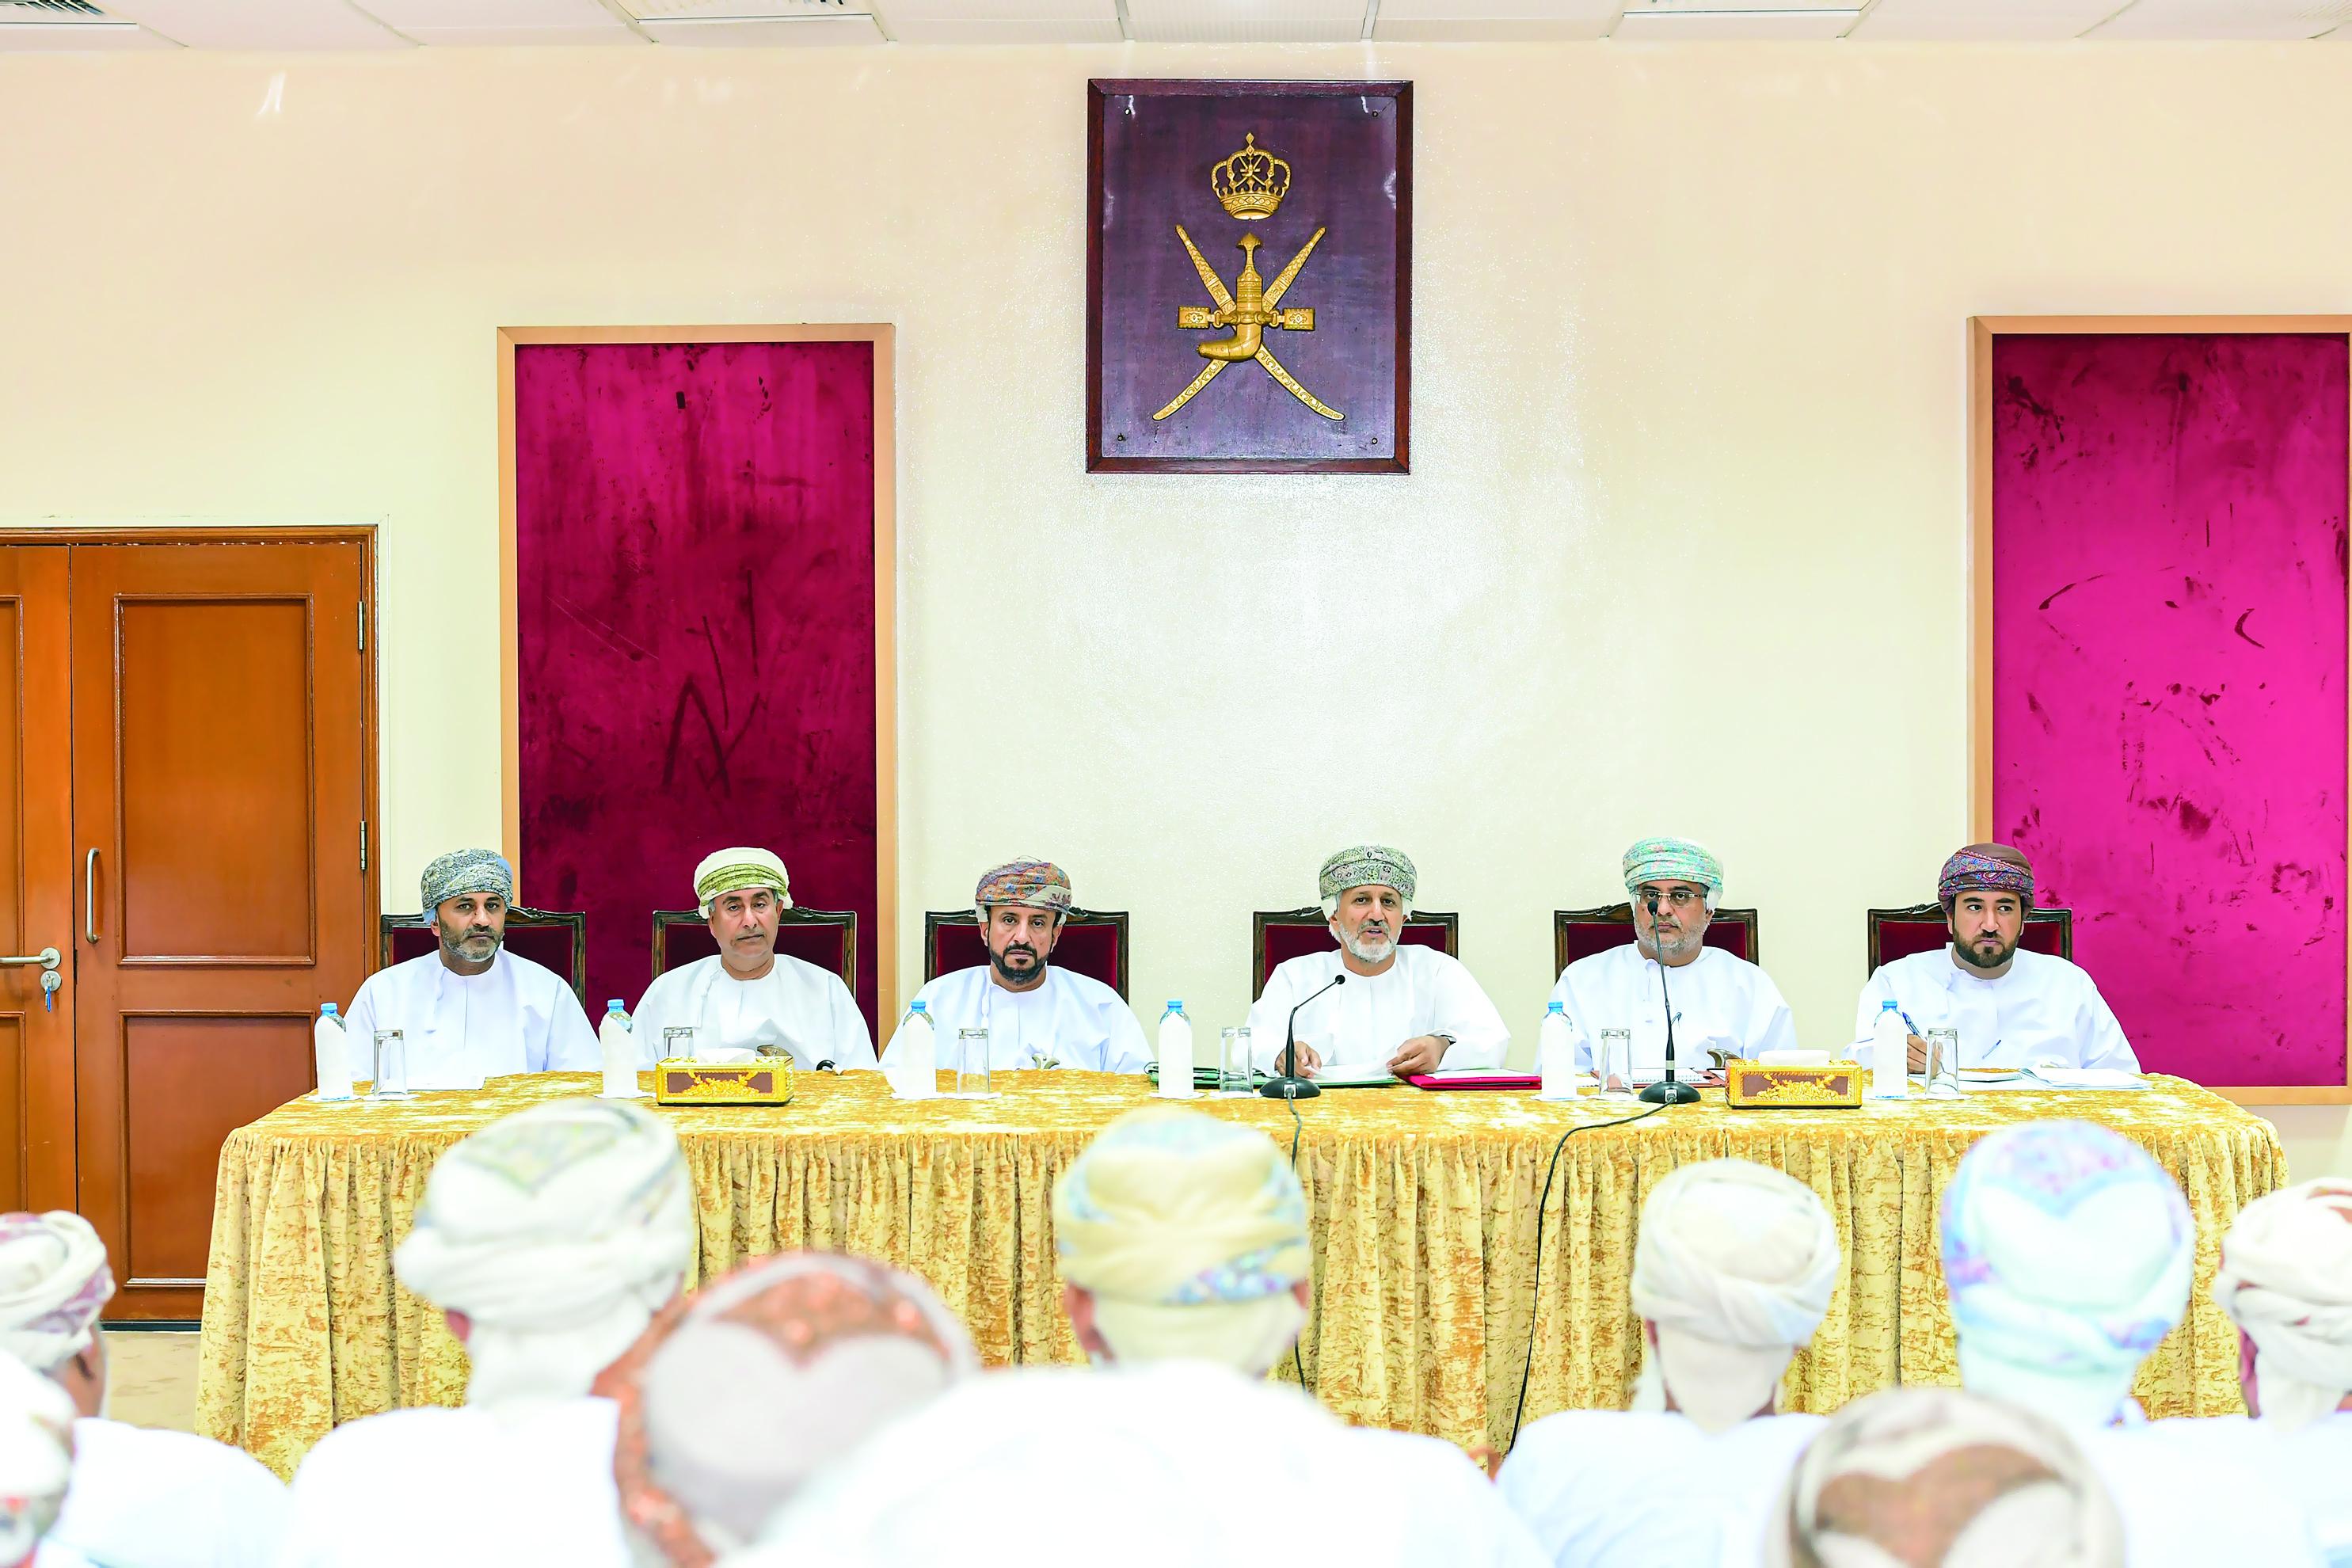 الهجانة السلطانية تعلن عن فعاليات المهرجان السنوي لسباقات الهجن الأهلية السابع عشر